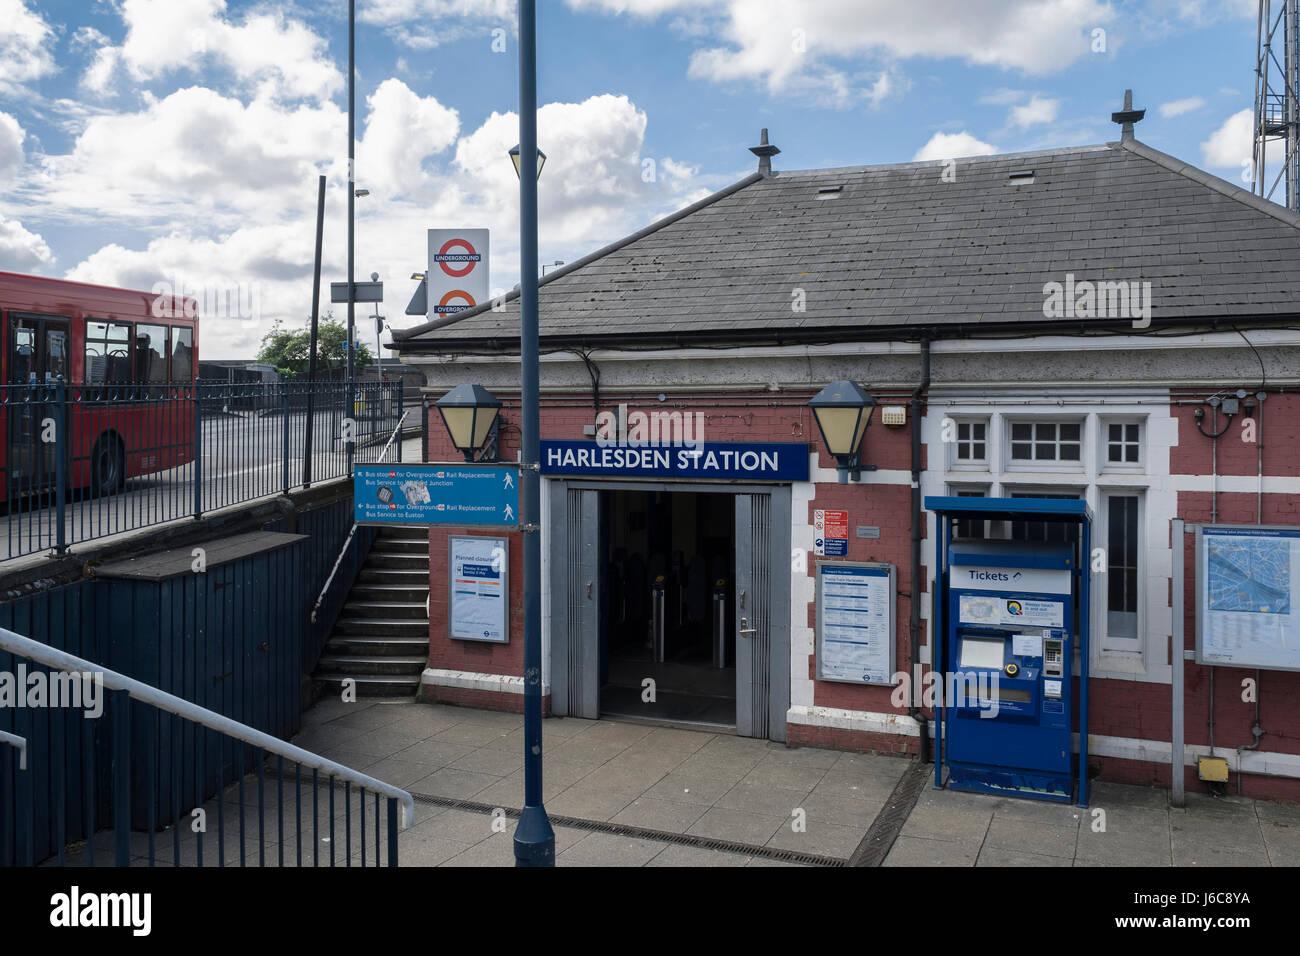 Harlesden station - Stock Image